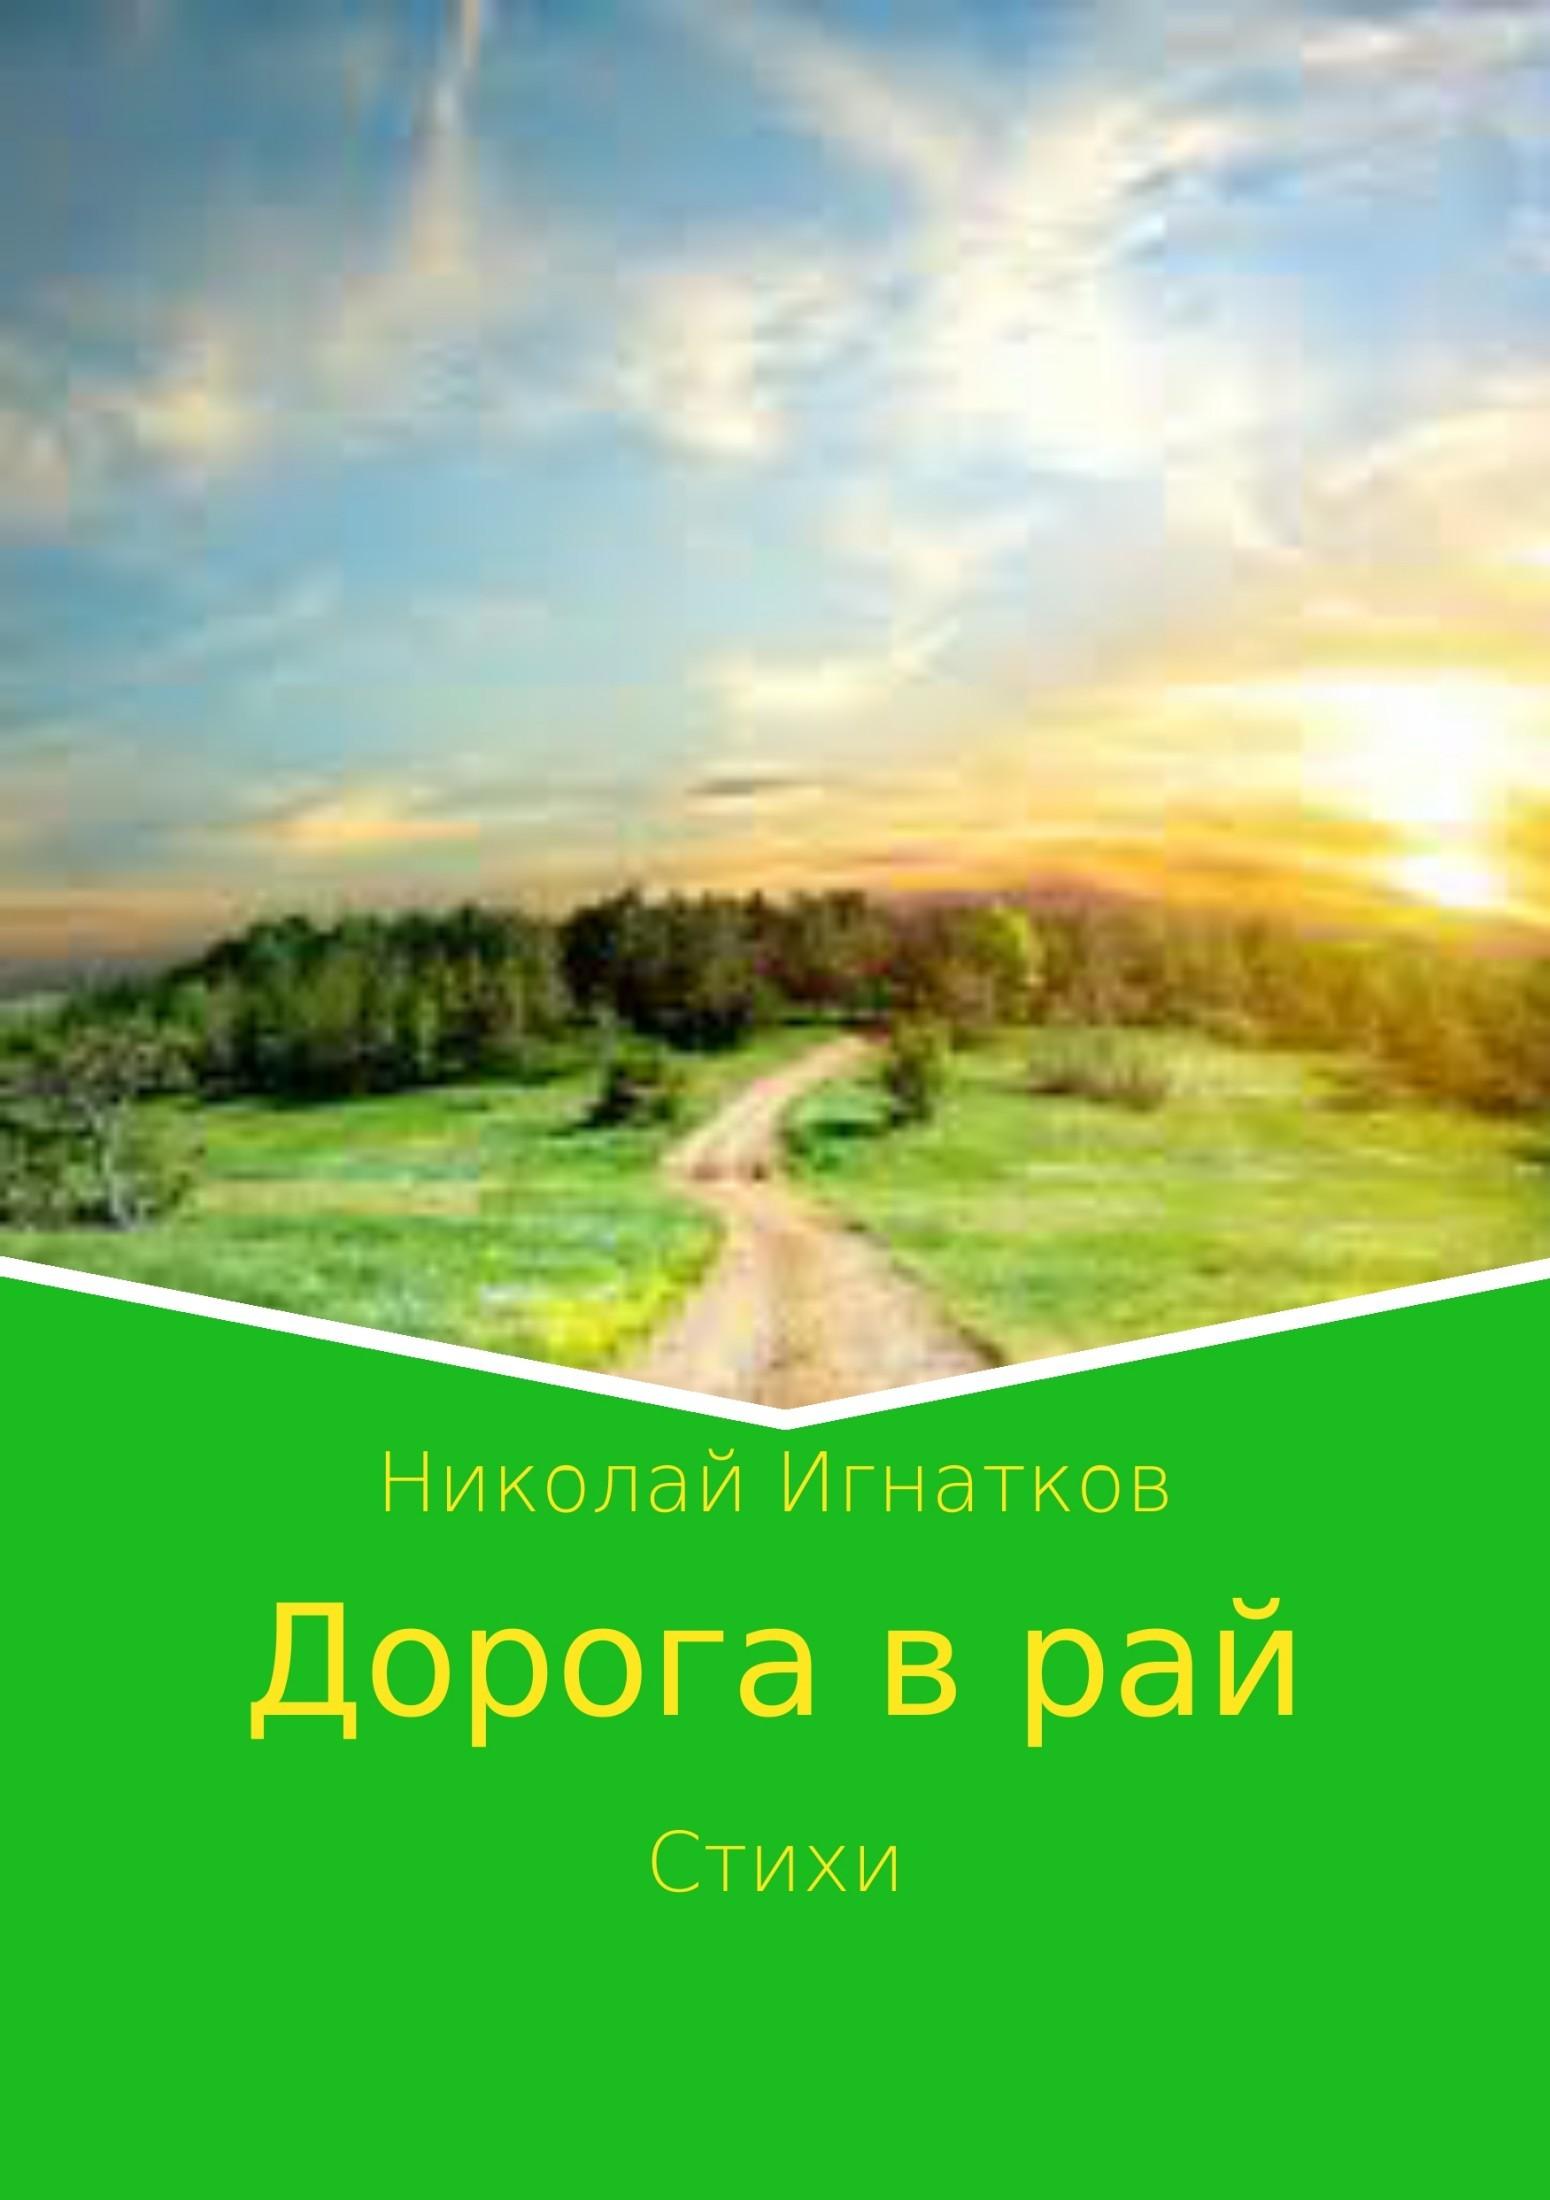 Николай Викторович Игнатков Дорога в рай егерь последний билет в рай котенок